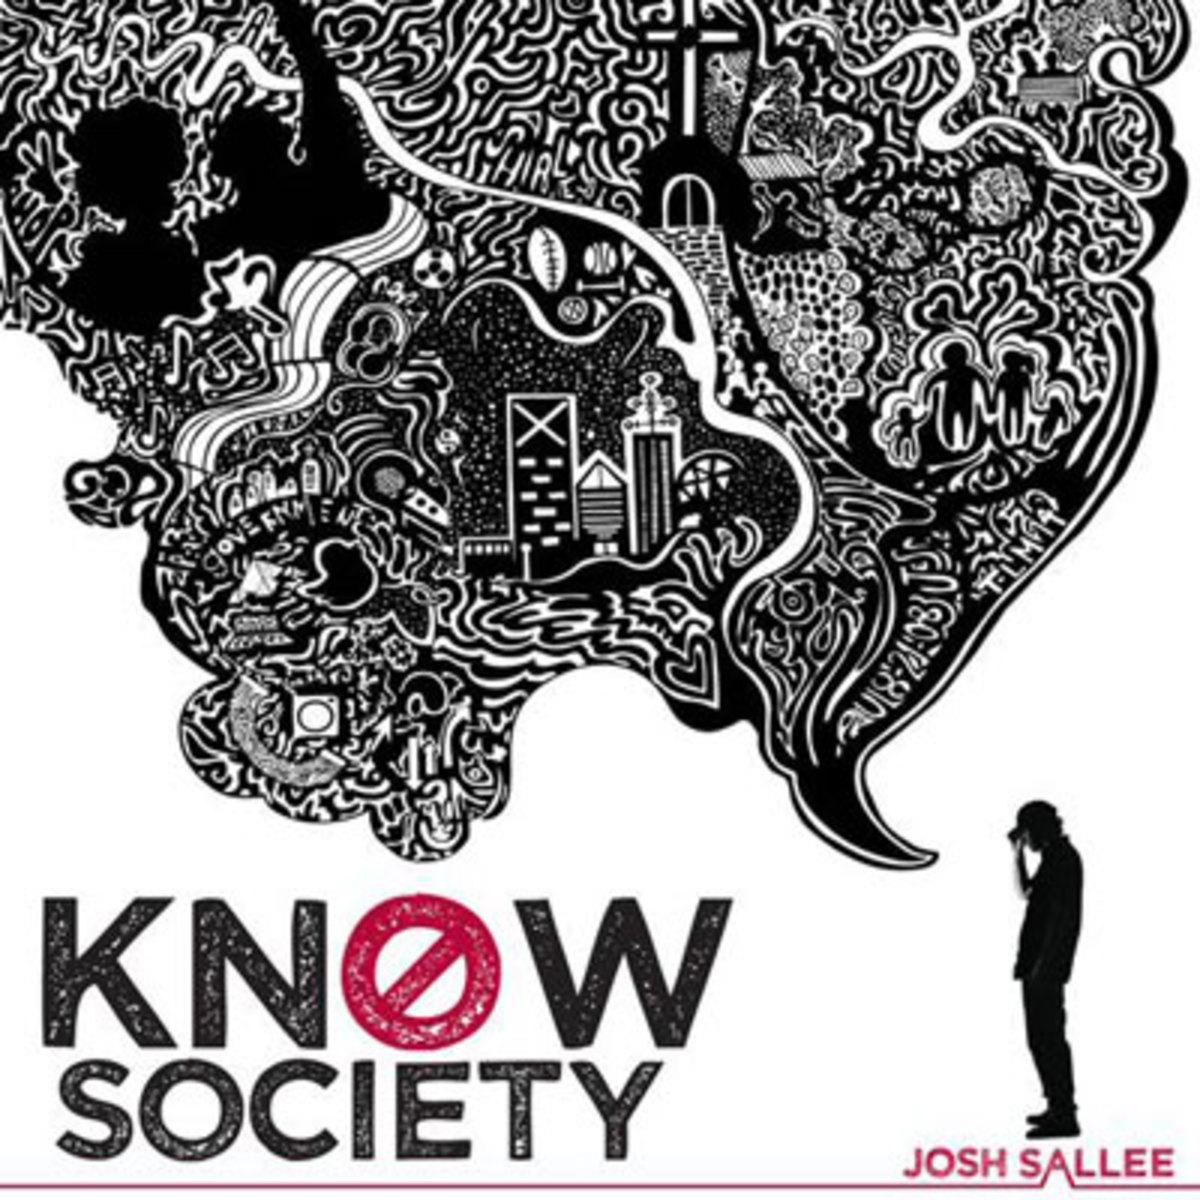 joshsallee-knowsociety.jpg